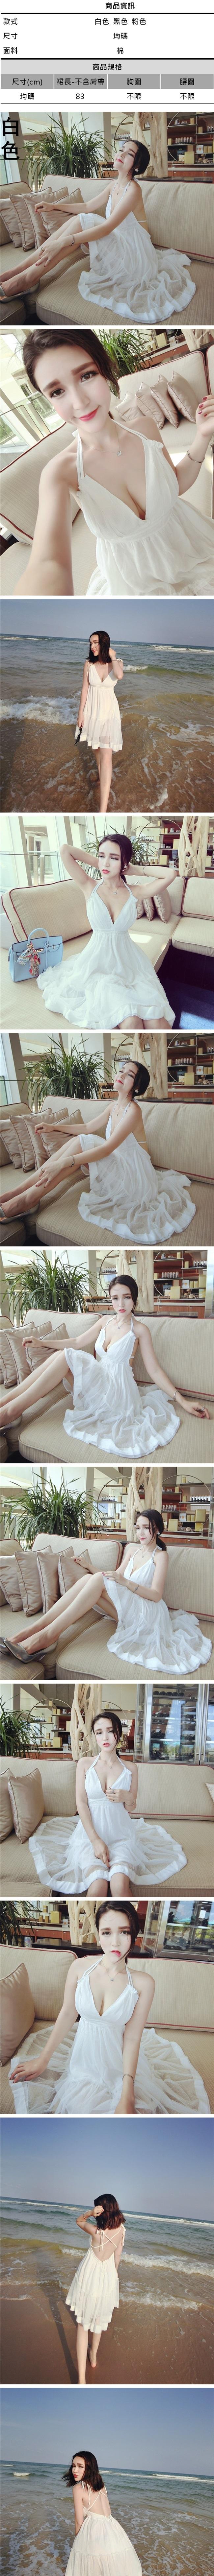 長洋裝 波西米亞風-時尚唯美刺繡七分袖女連身裙